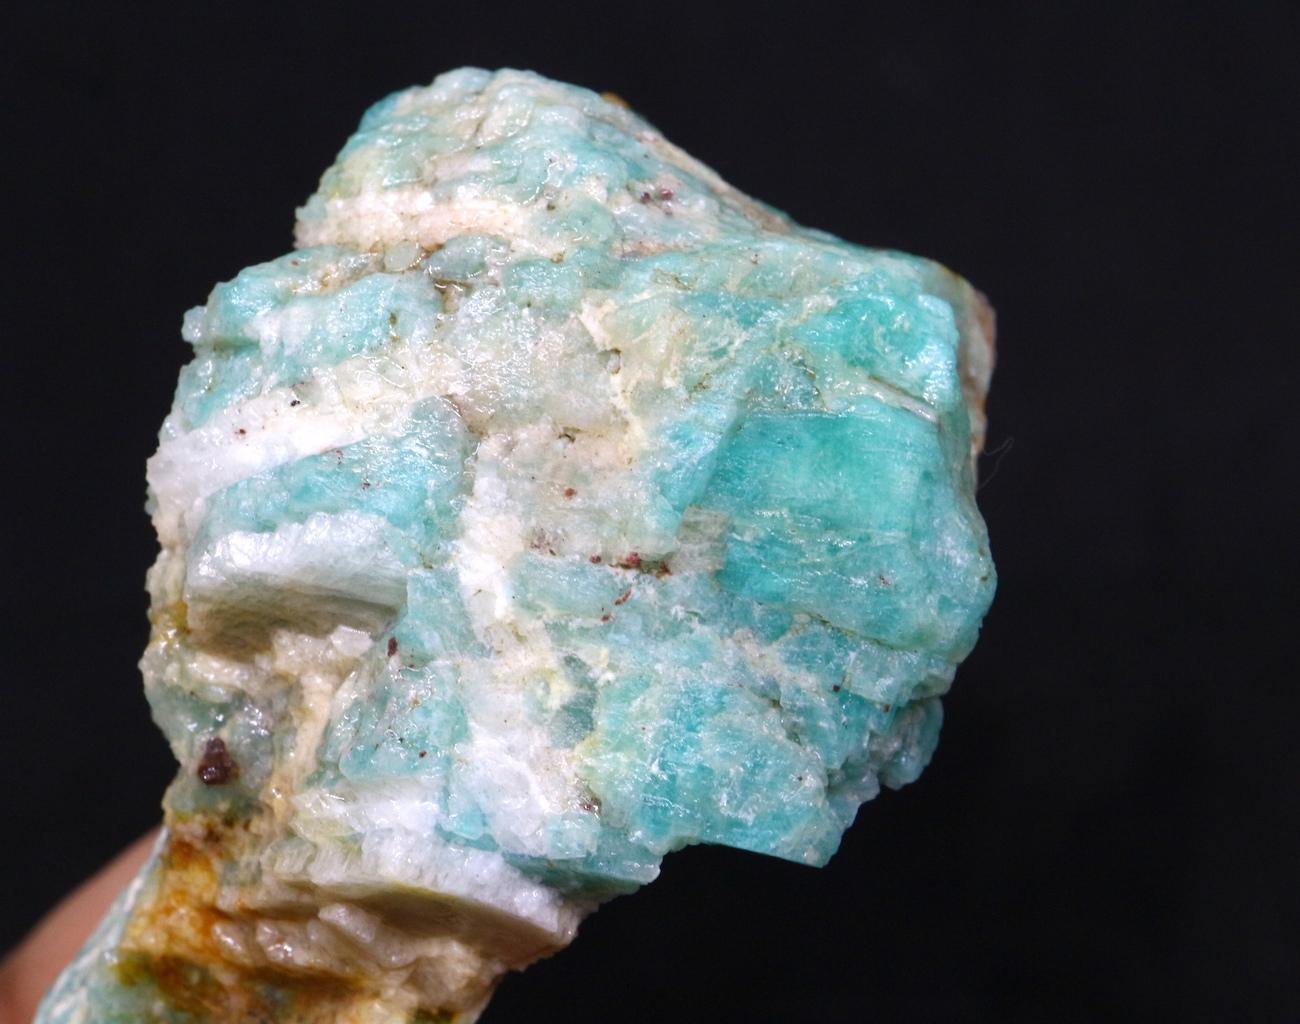 アマゾナイト モザンビーク産 原石 59,2g AZ0028 天河石(てんがせき) 鉱物 天然石